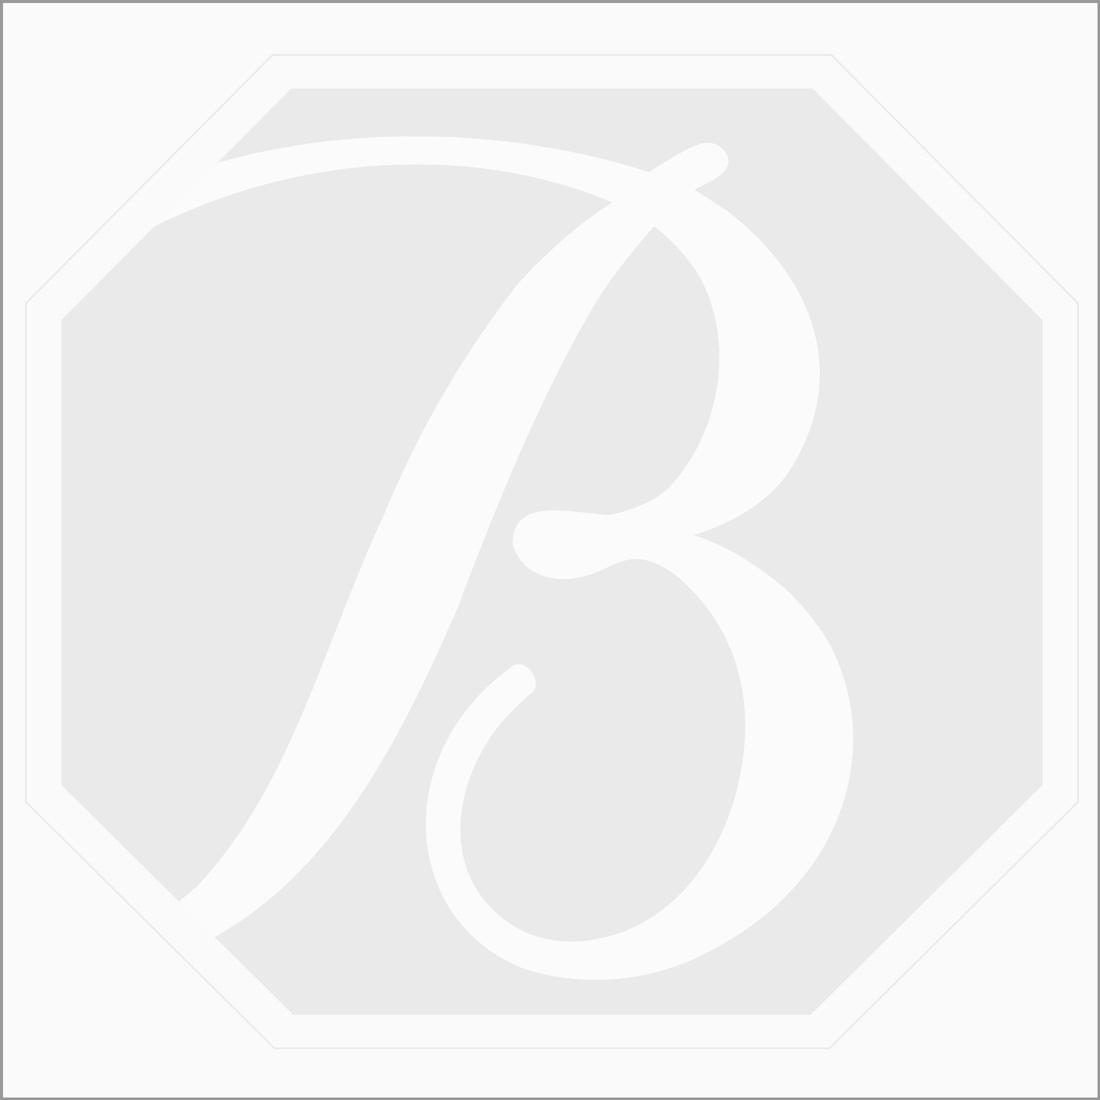 Multi-Sapphire Briolette - 1 Line - 215.00 carats - 18 inches - (CSNKL1020)